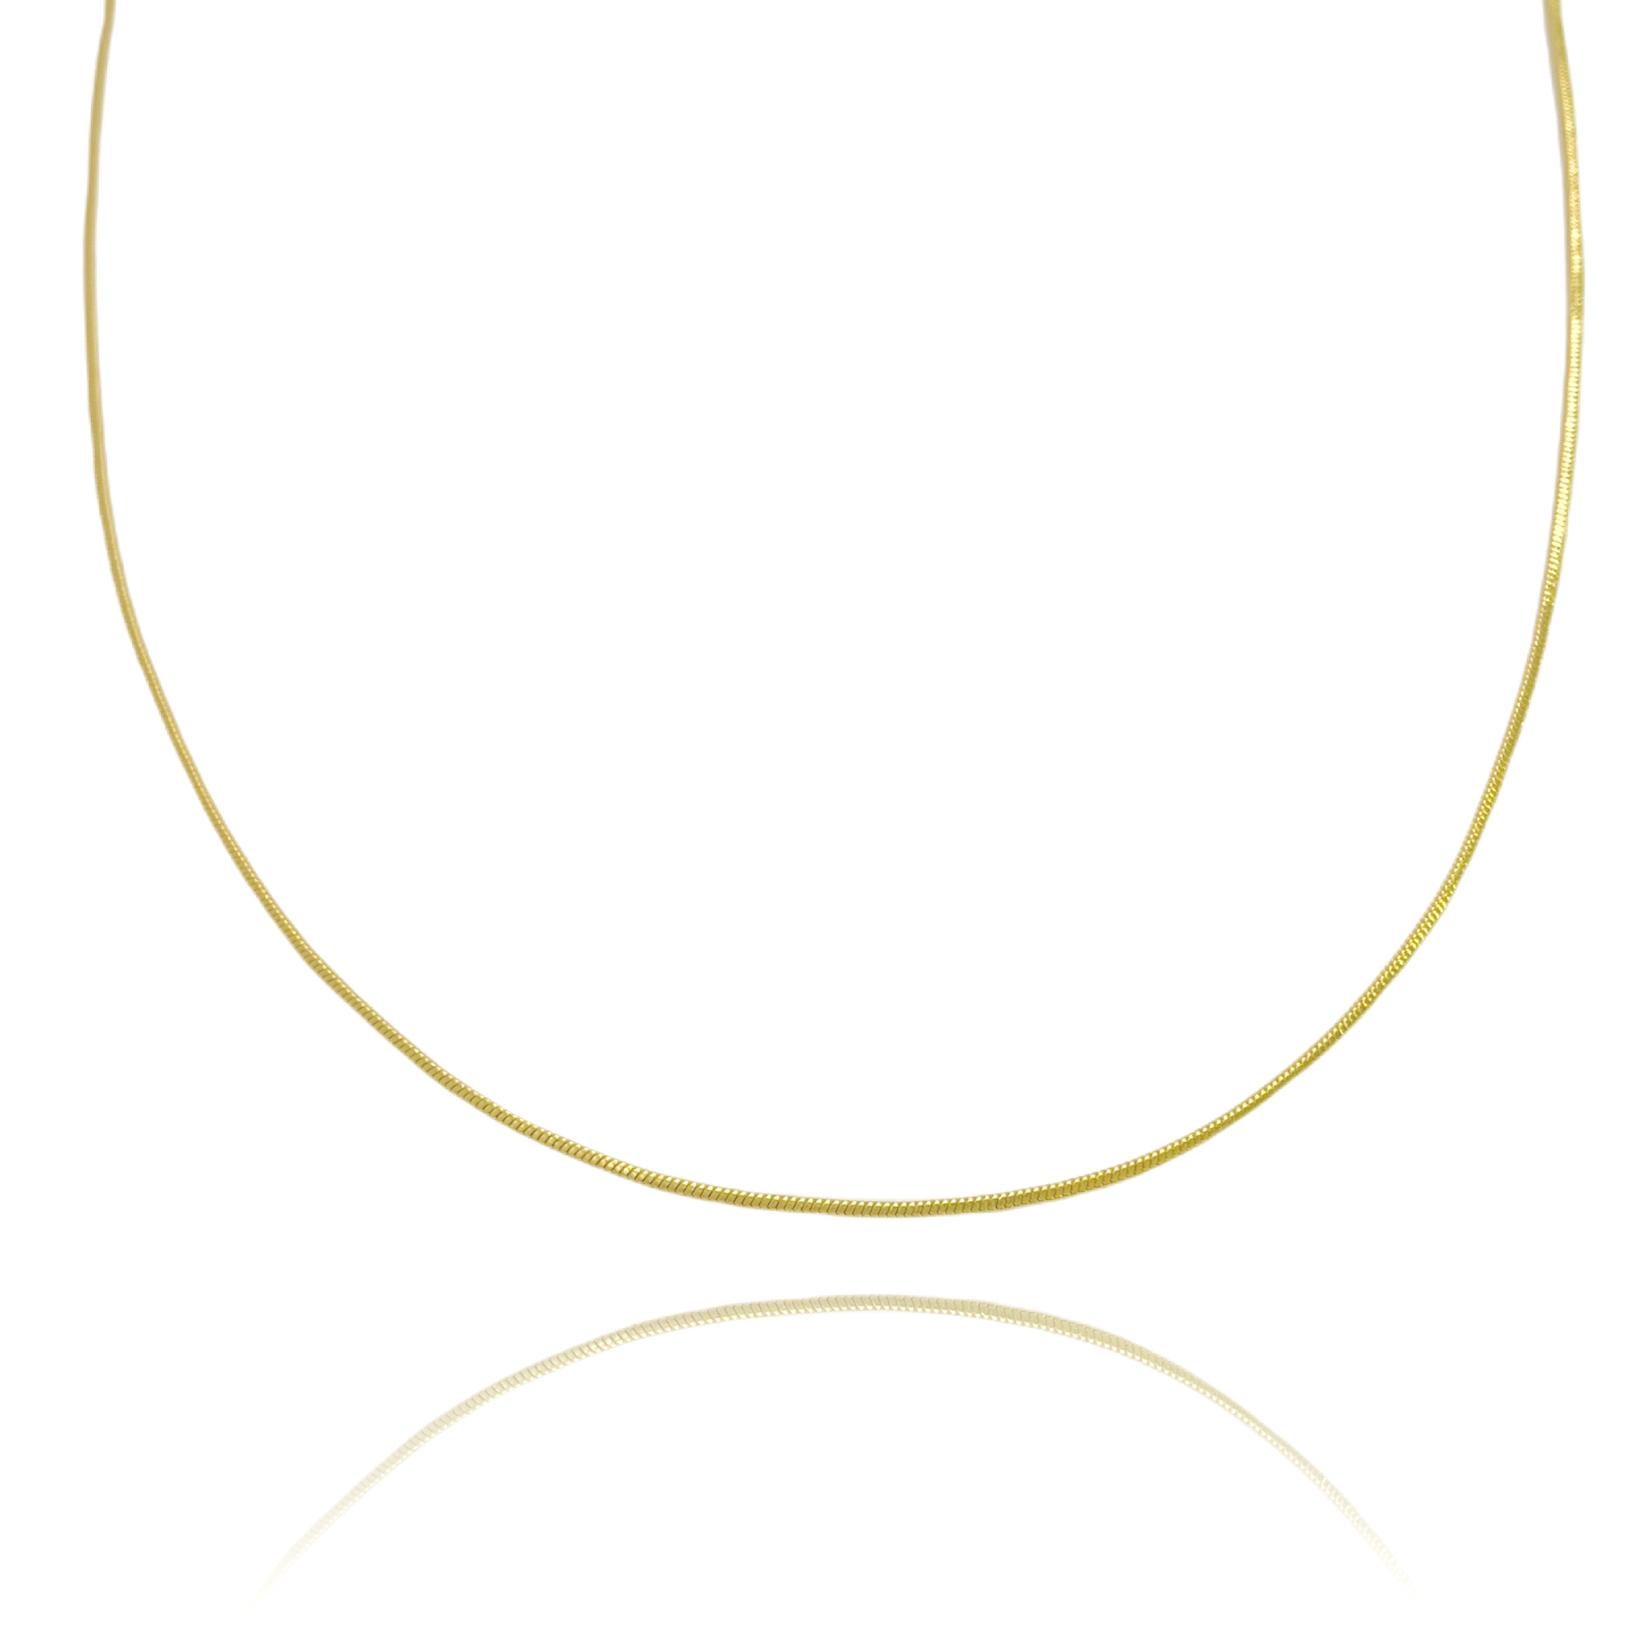 Corrente Rabo De Rato Quadrada 1,2mm 60cm (Fecho Tradicional TAG) (Banho Ouro 24k)